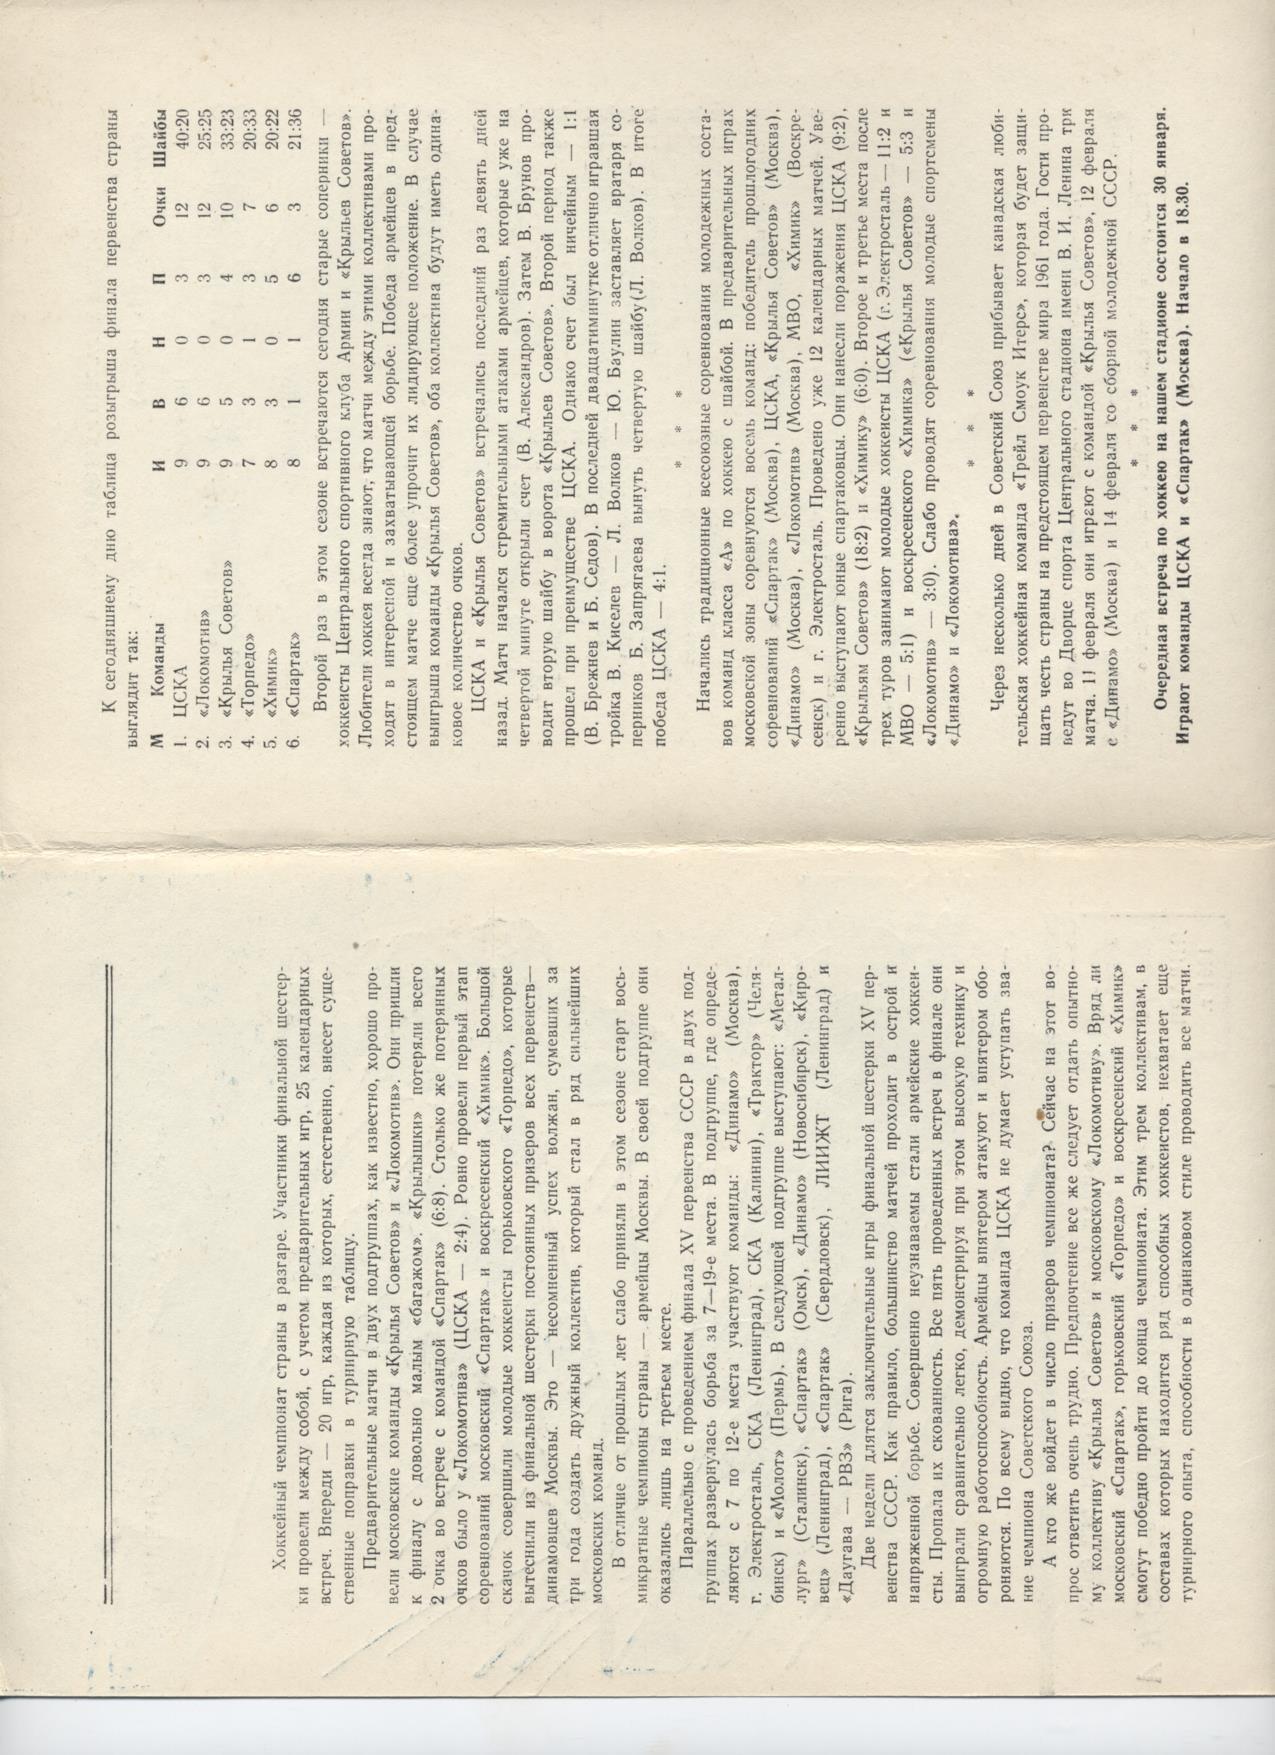 19610127-2.jpg